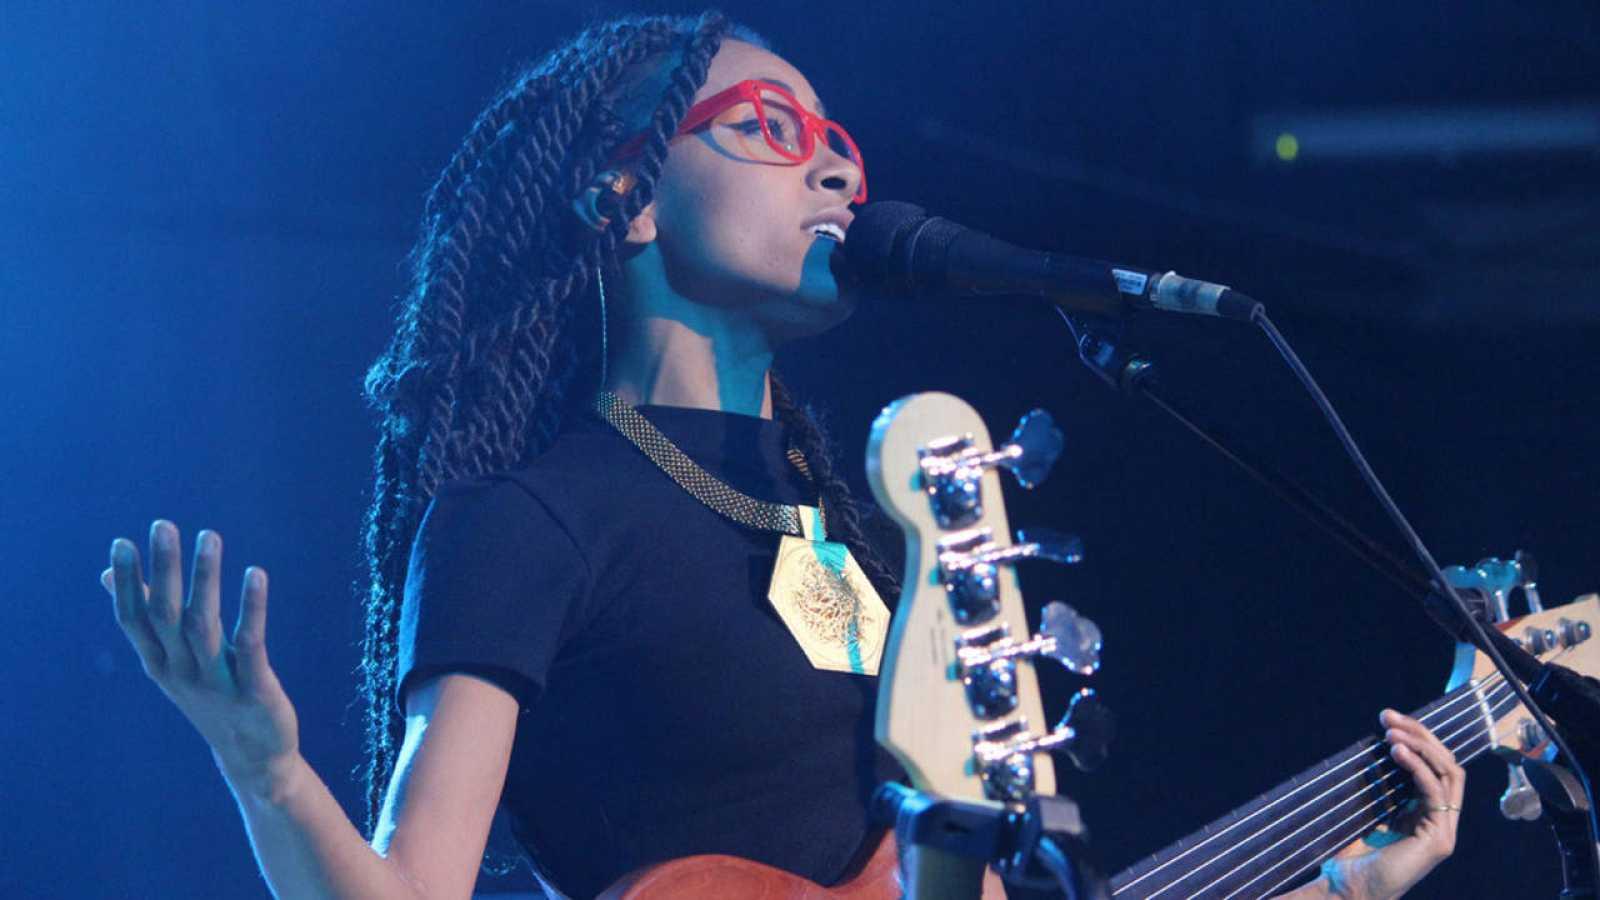 La cantante estadounidense Esperanza Spalding ha actuado este lunes en el Festival Internacional de Jazz de Madrid.